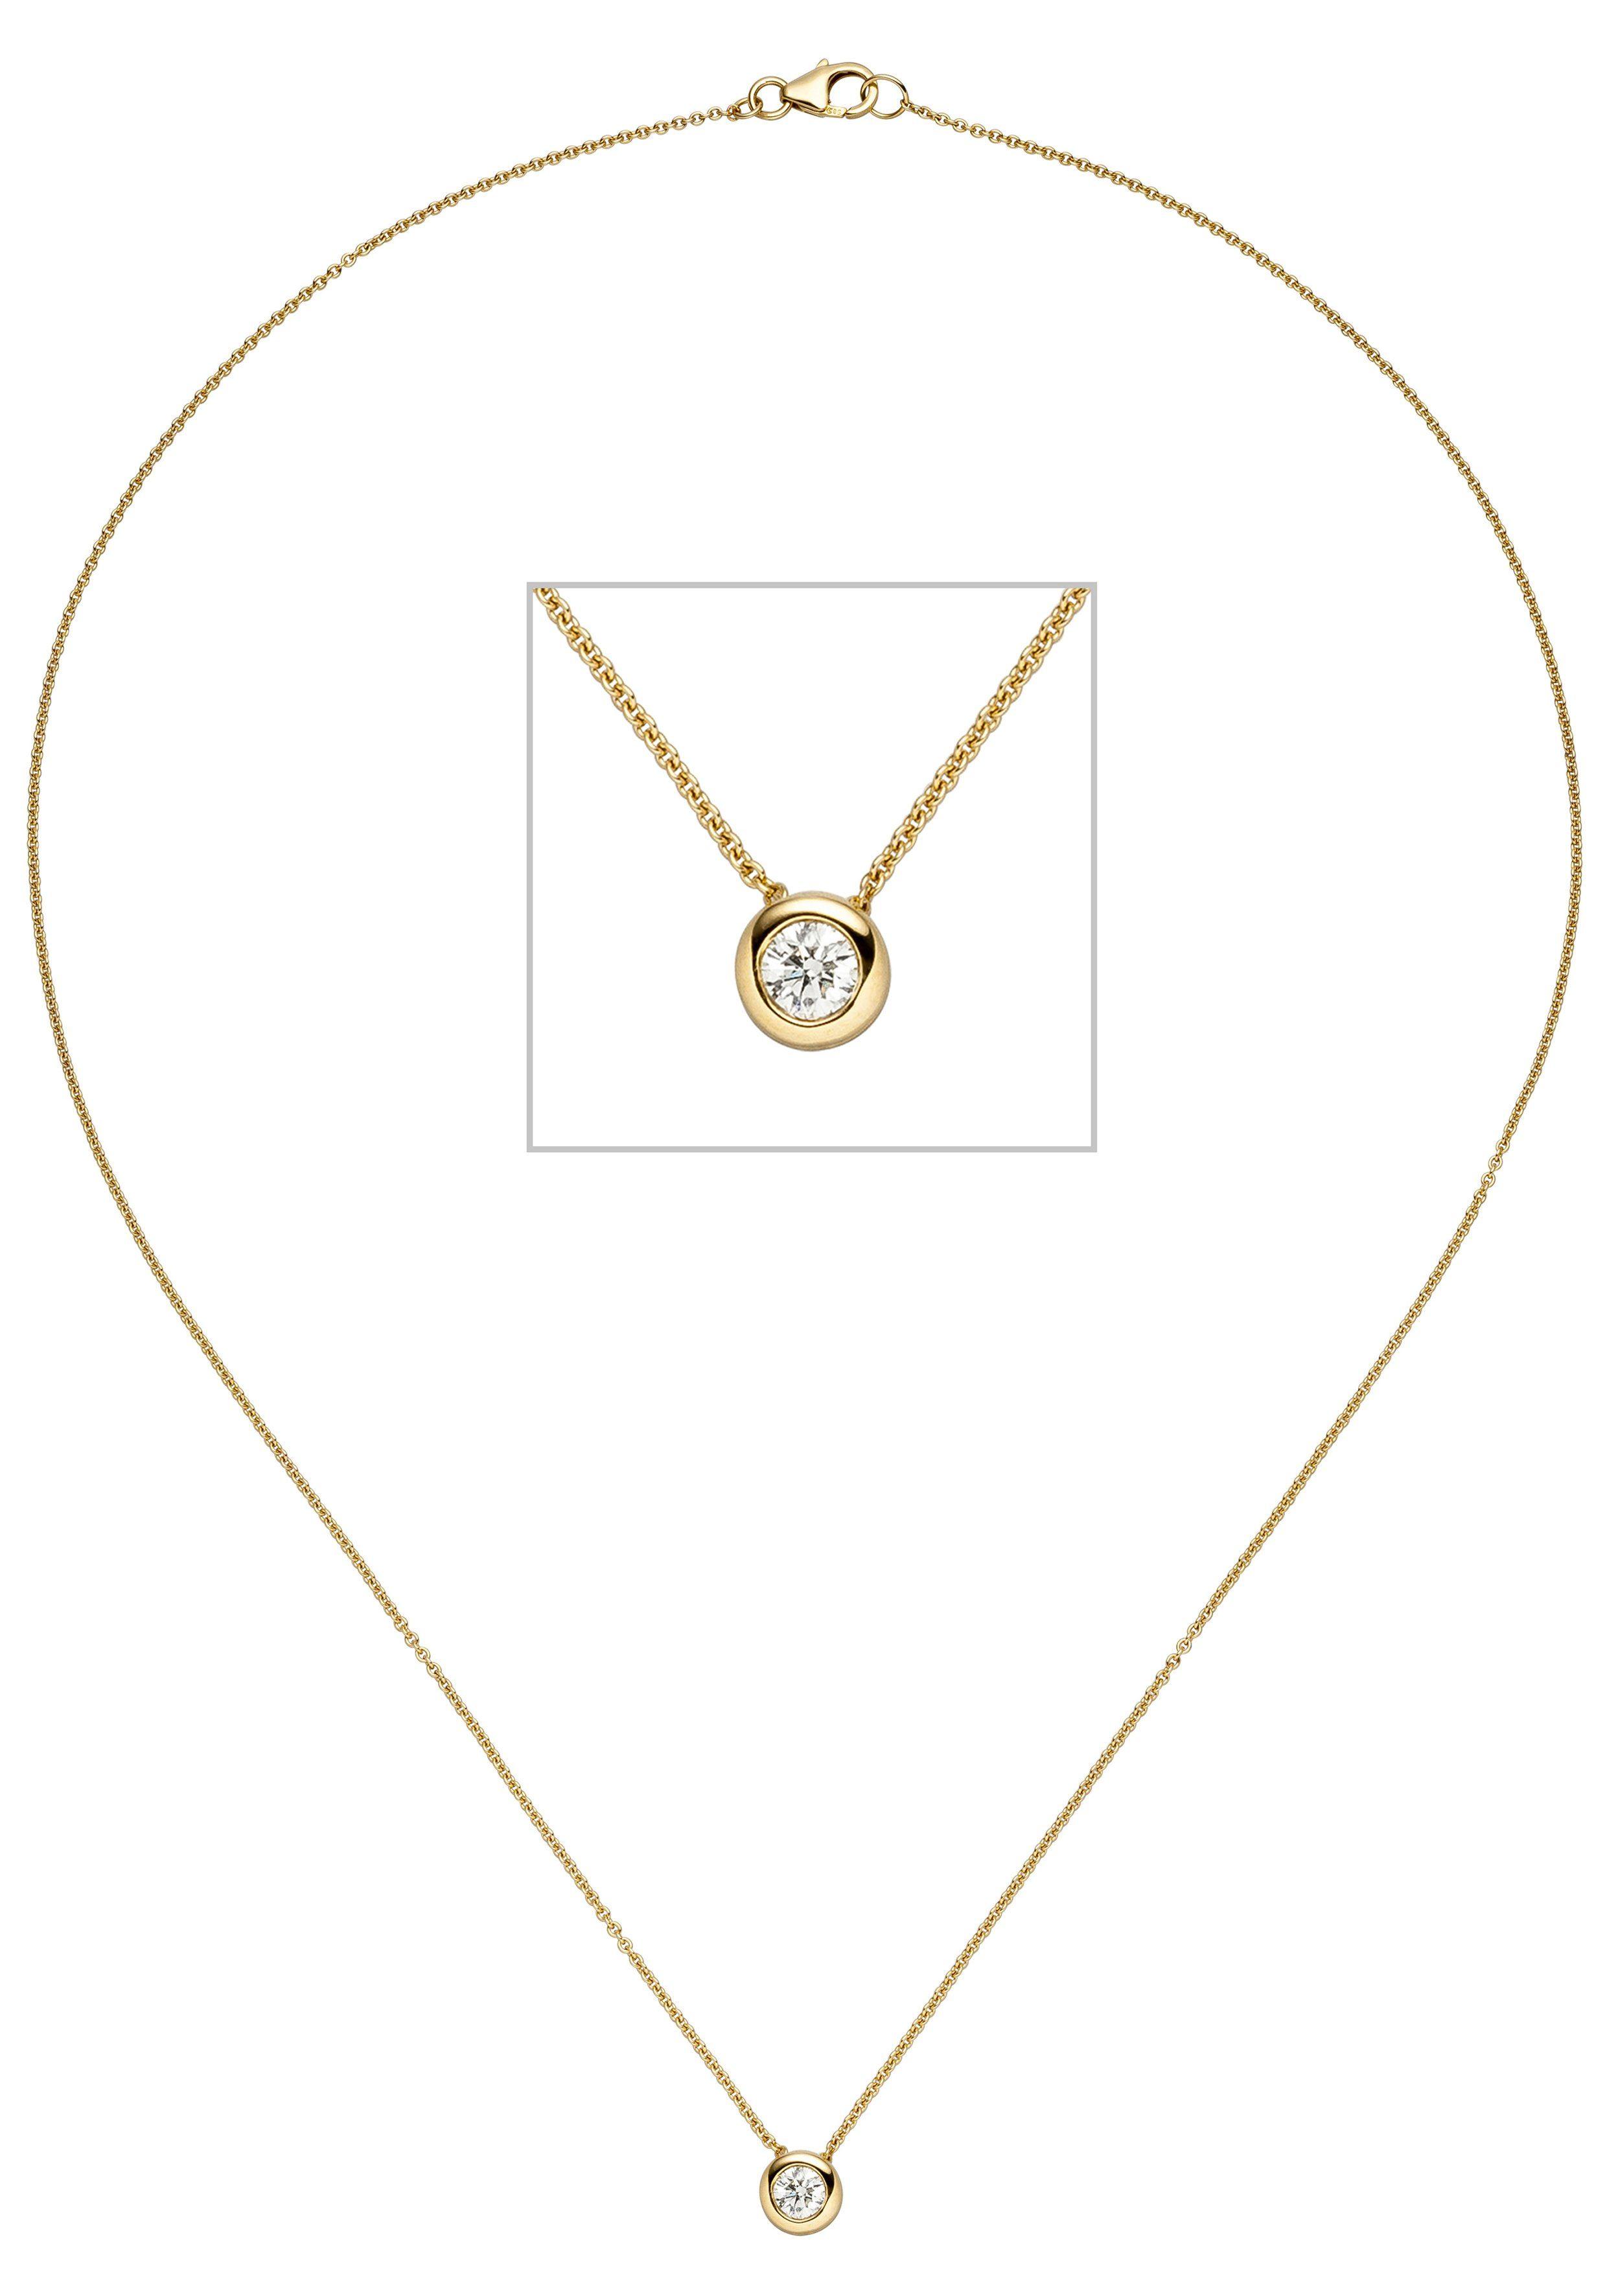 JOBO Kette mit Anhänger 585 Gold mit 1 Diamant 45 cm